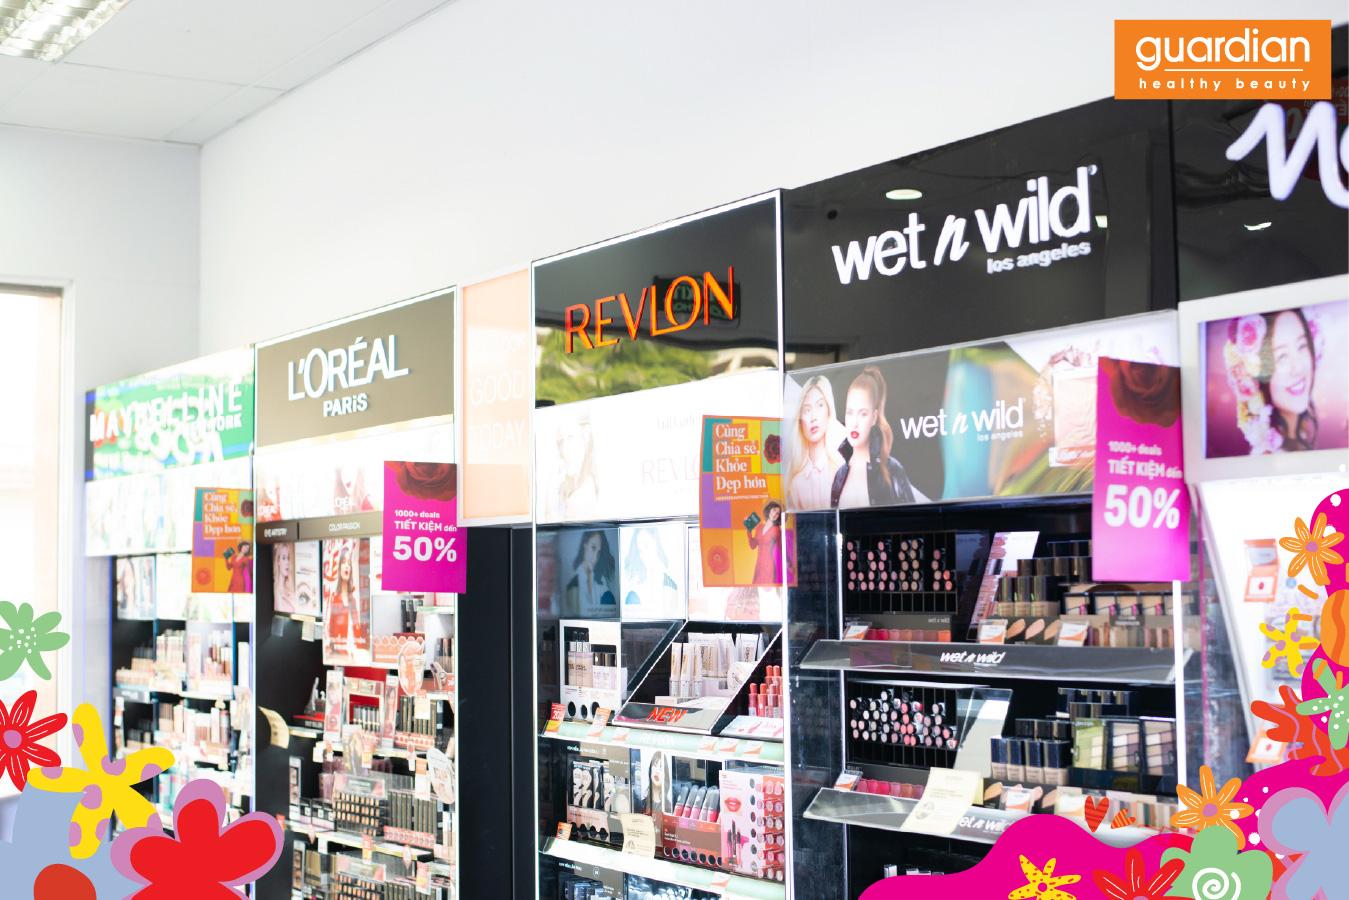 Hành trình kết nối những thương hiệu đình đám thế giới với người tiêu dùng Việt của Guardian - Ảnh 2.